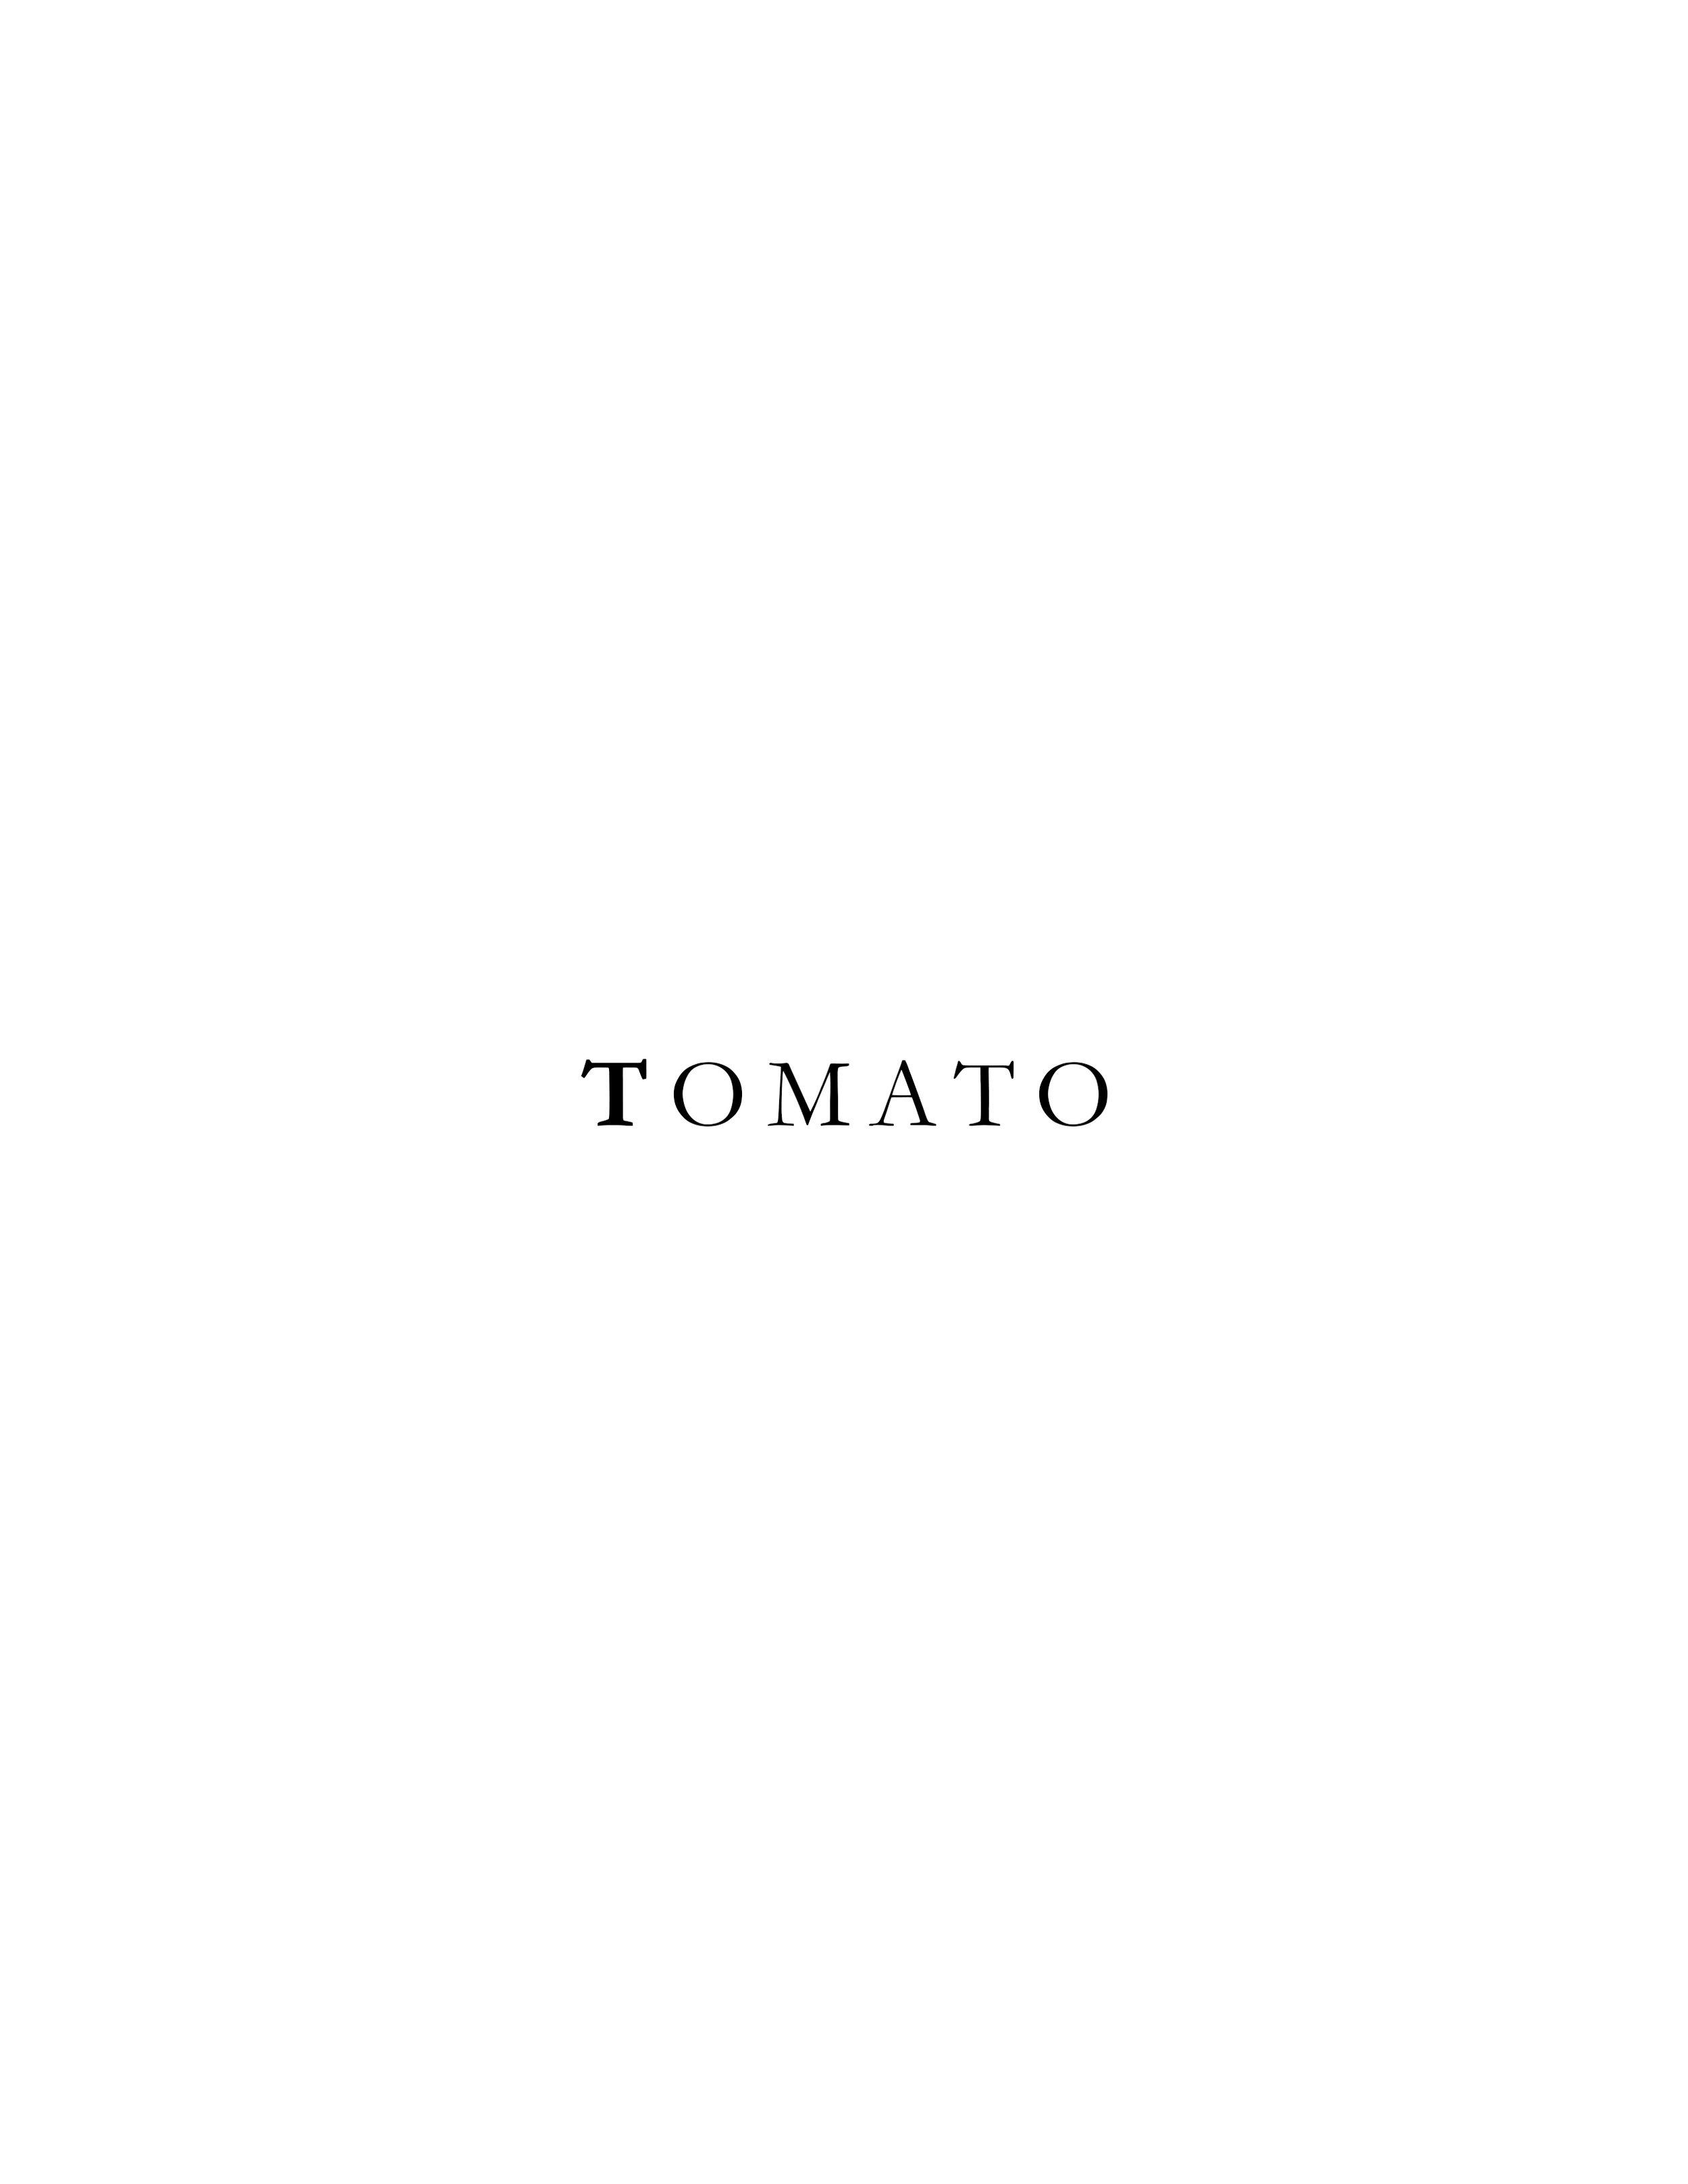 Tomato TEXT.jpg